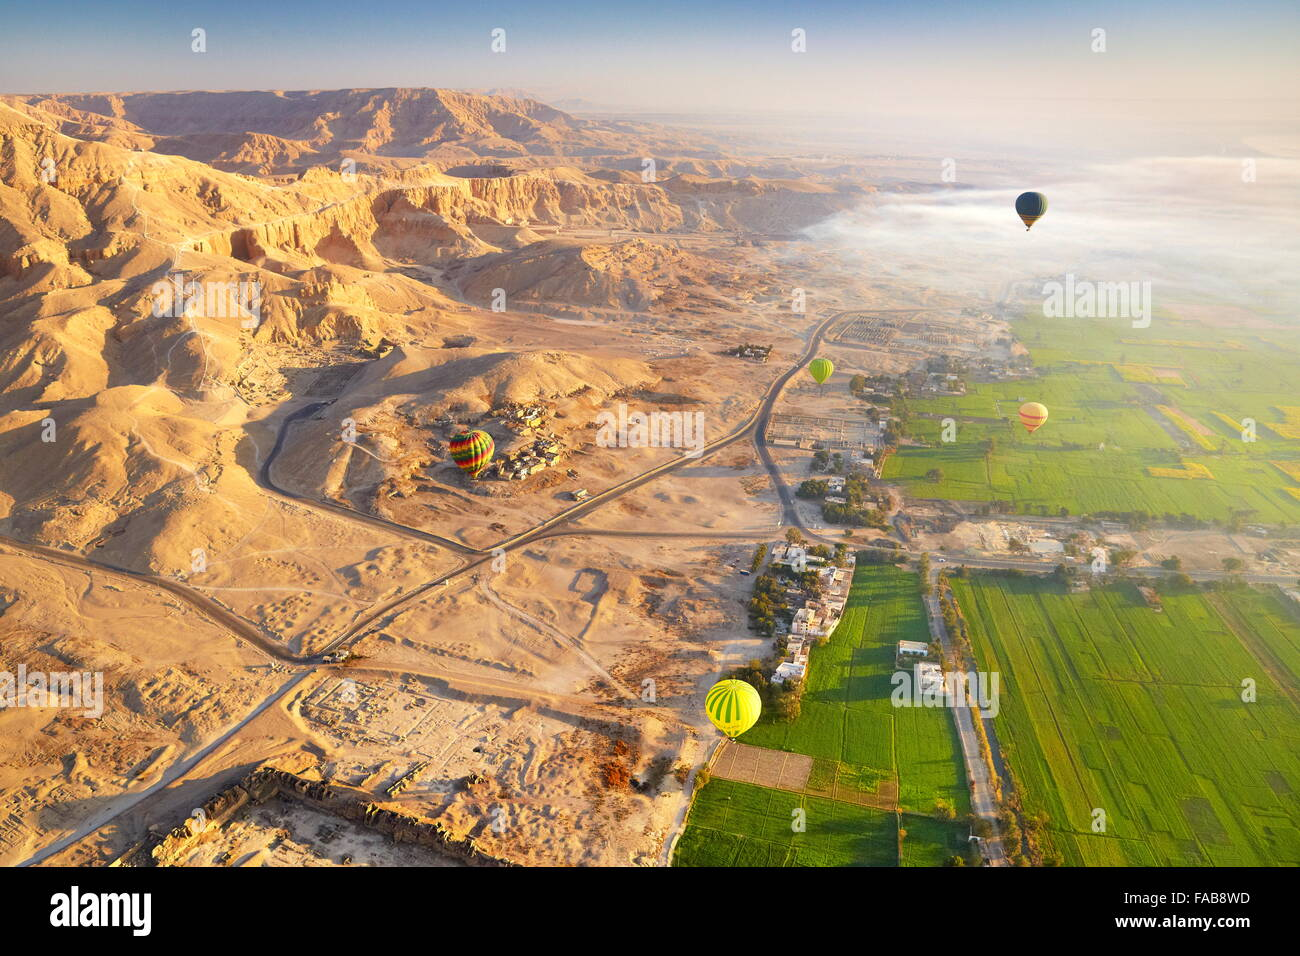 Egipto - vuelos en globo sobre la ribera occidental del Nilo, el paisaje de las montañas y el valle verde Imagen De Stock